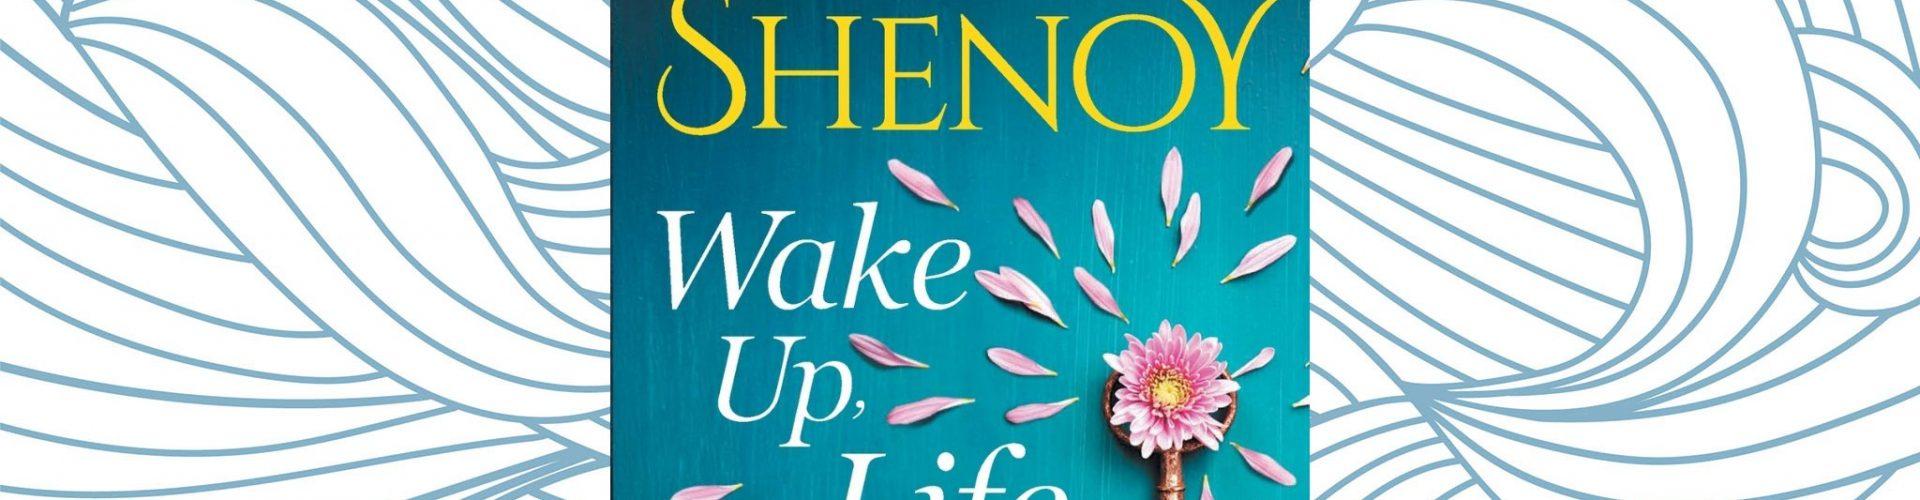 wake up life header